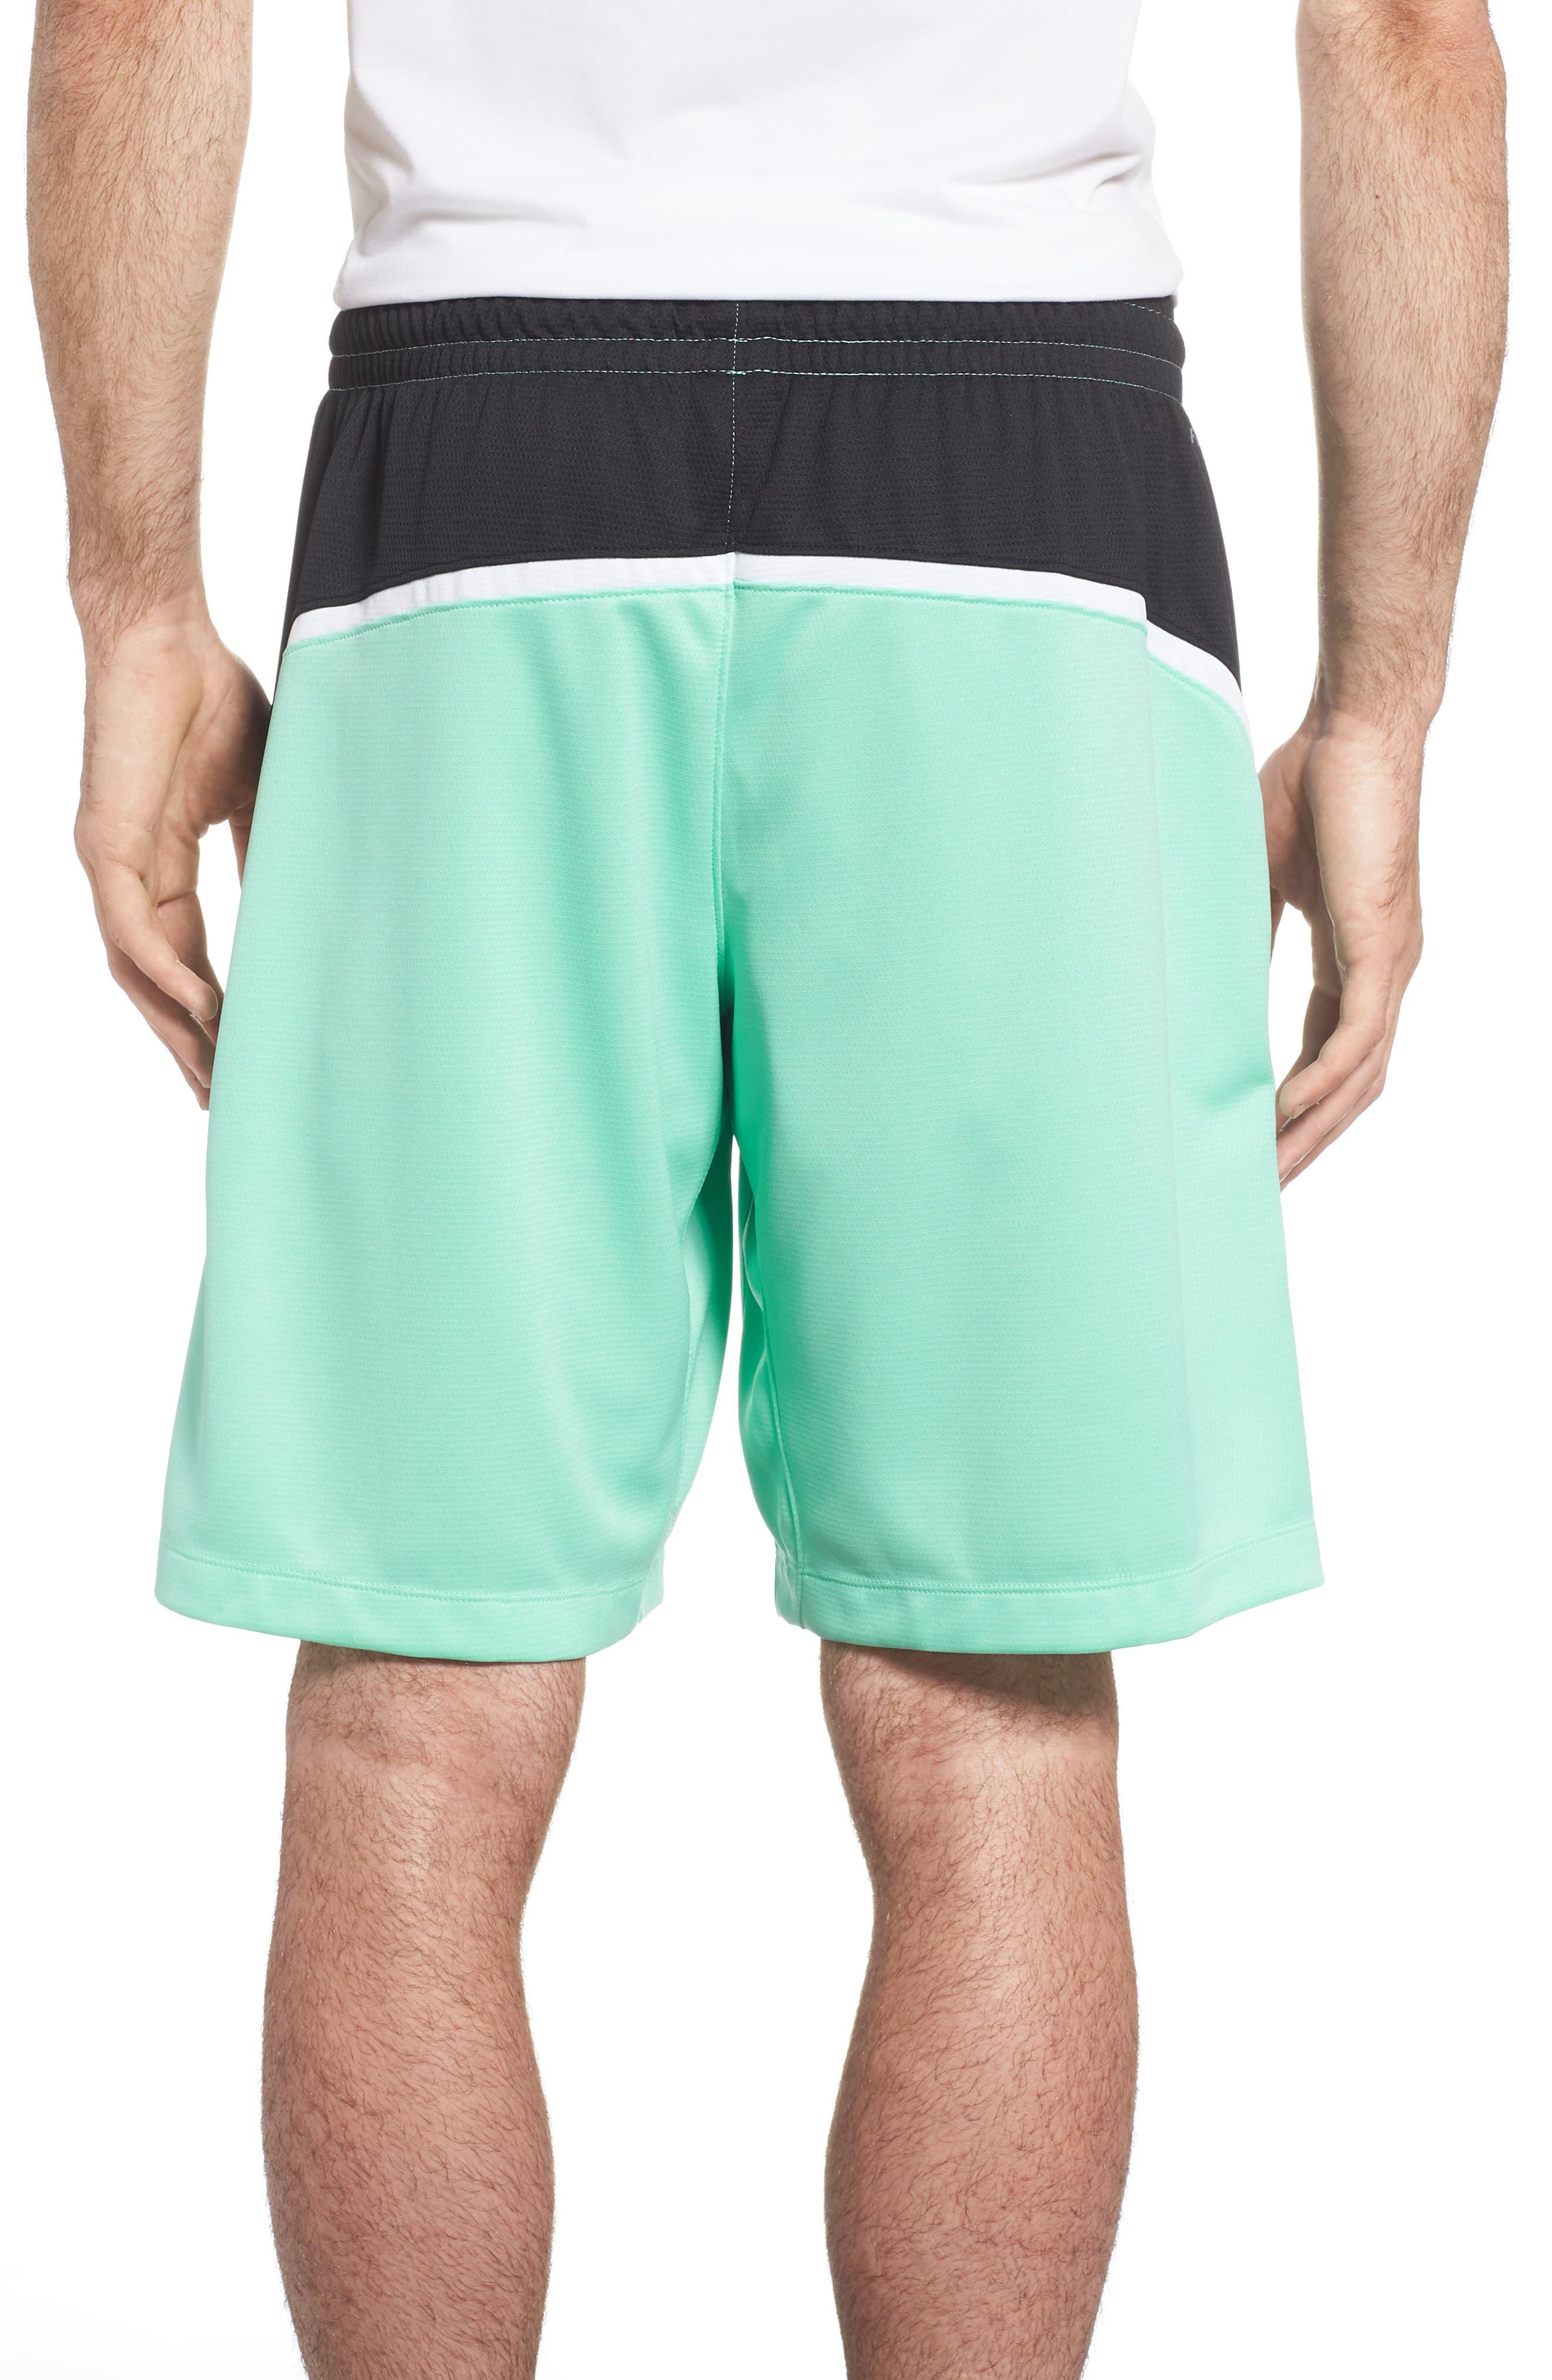 Jordan Dry Flight Shorts,                             Alternate thumbnail 2, color,                             Emerald Rise/ Black/ White